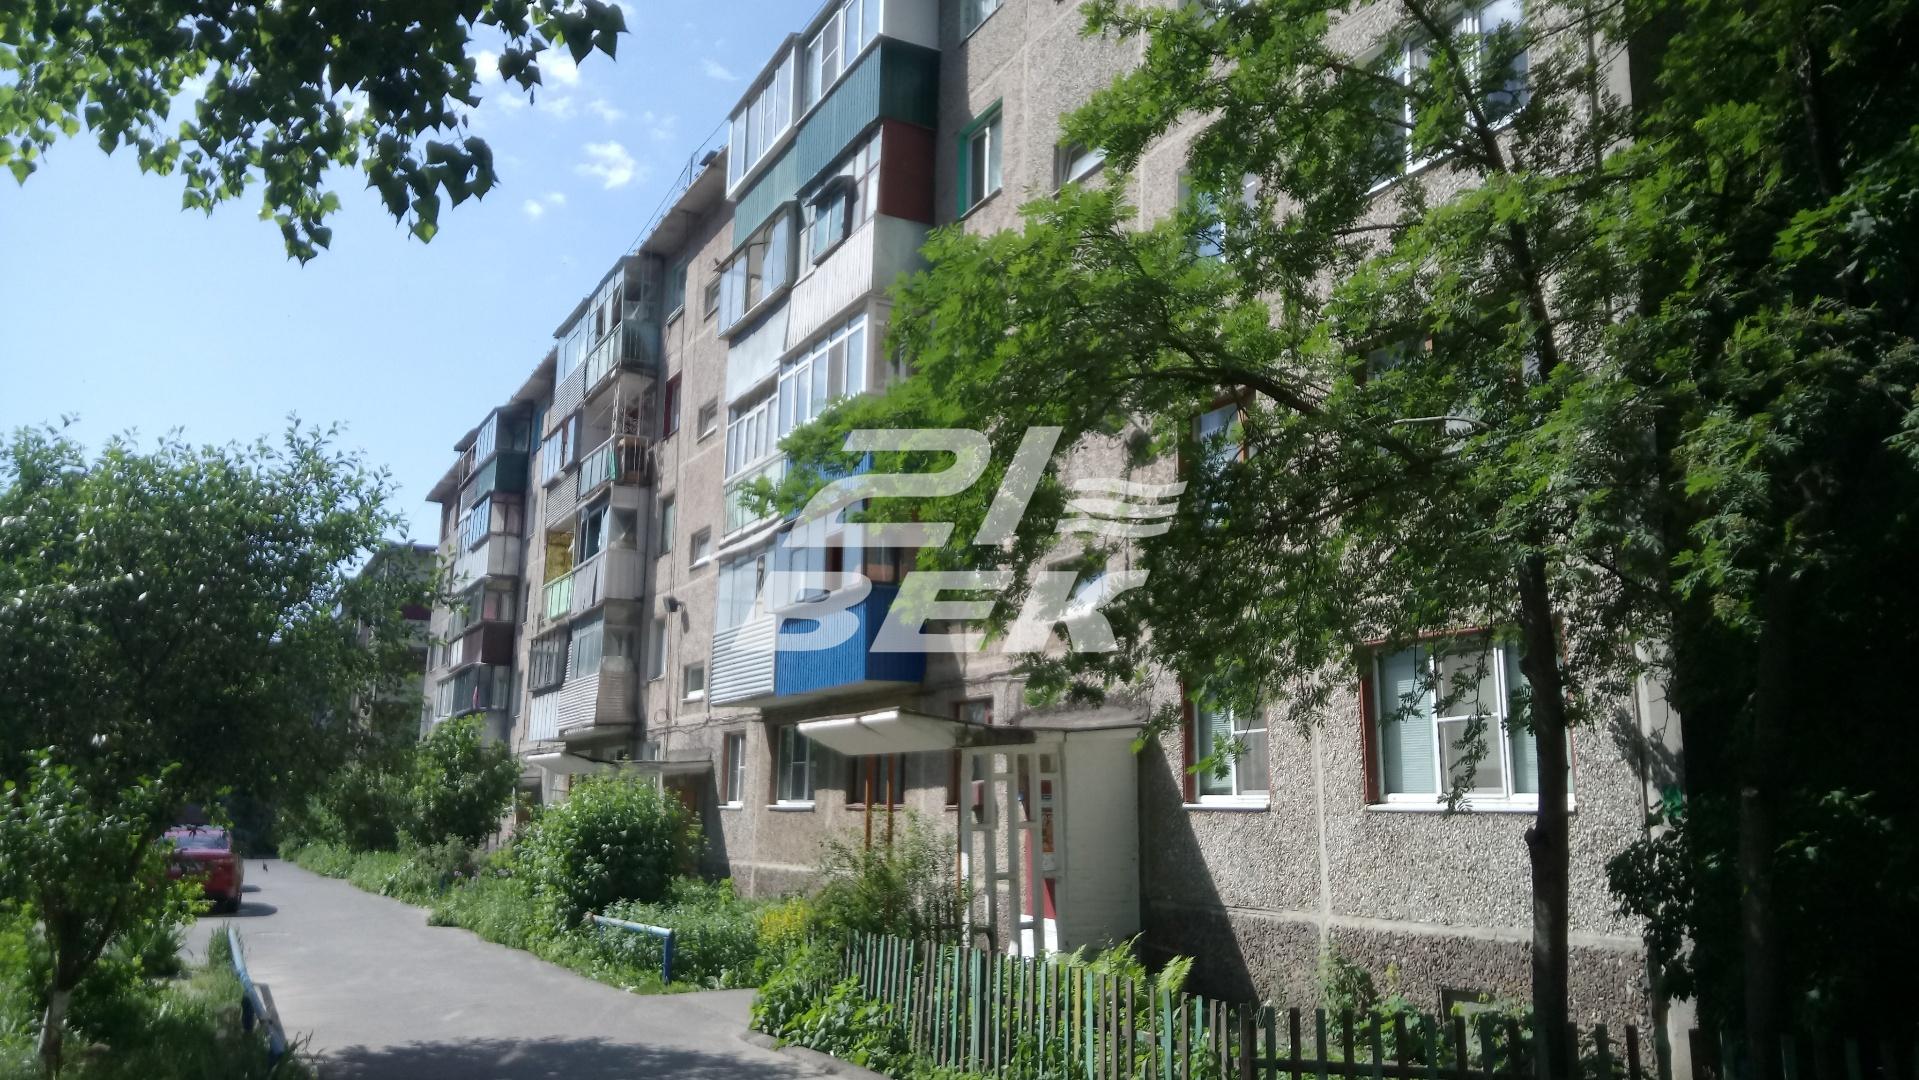 Продам 3-комнатную квартиру в городе Курск, на улице Школьная, 5к18, 1-этаж 5-этажного Панель дома, площадь: 62/45/6 м2